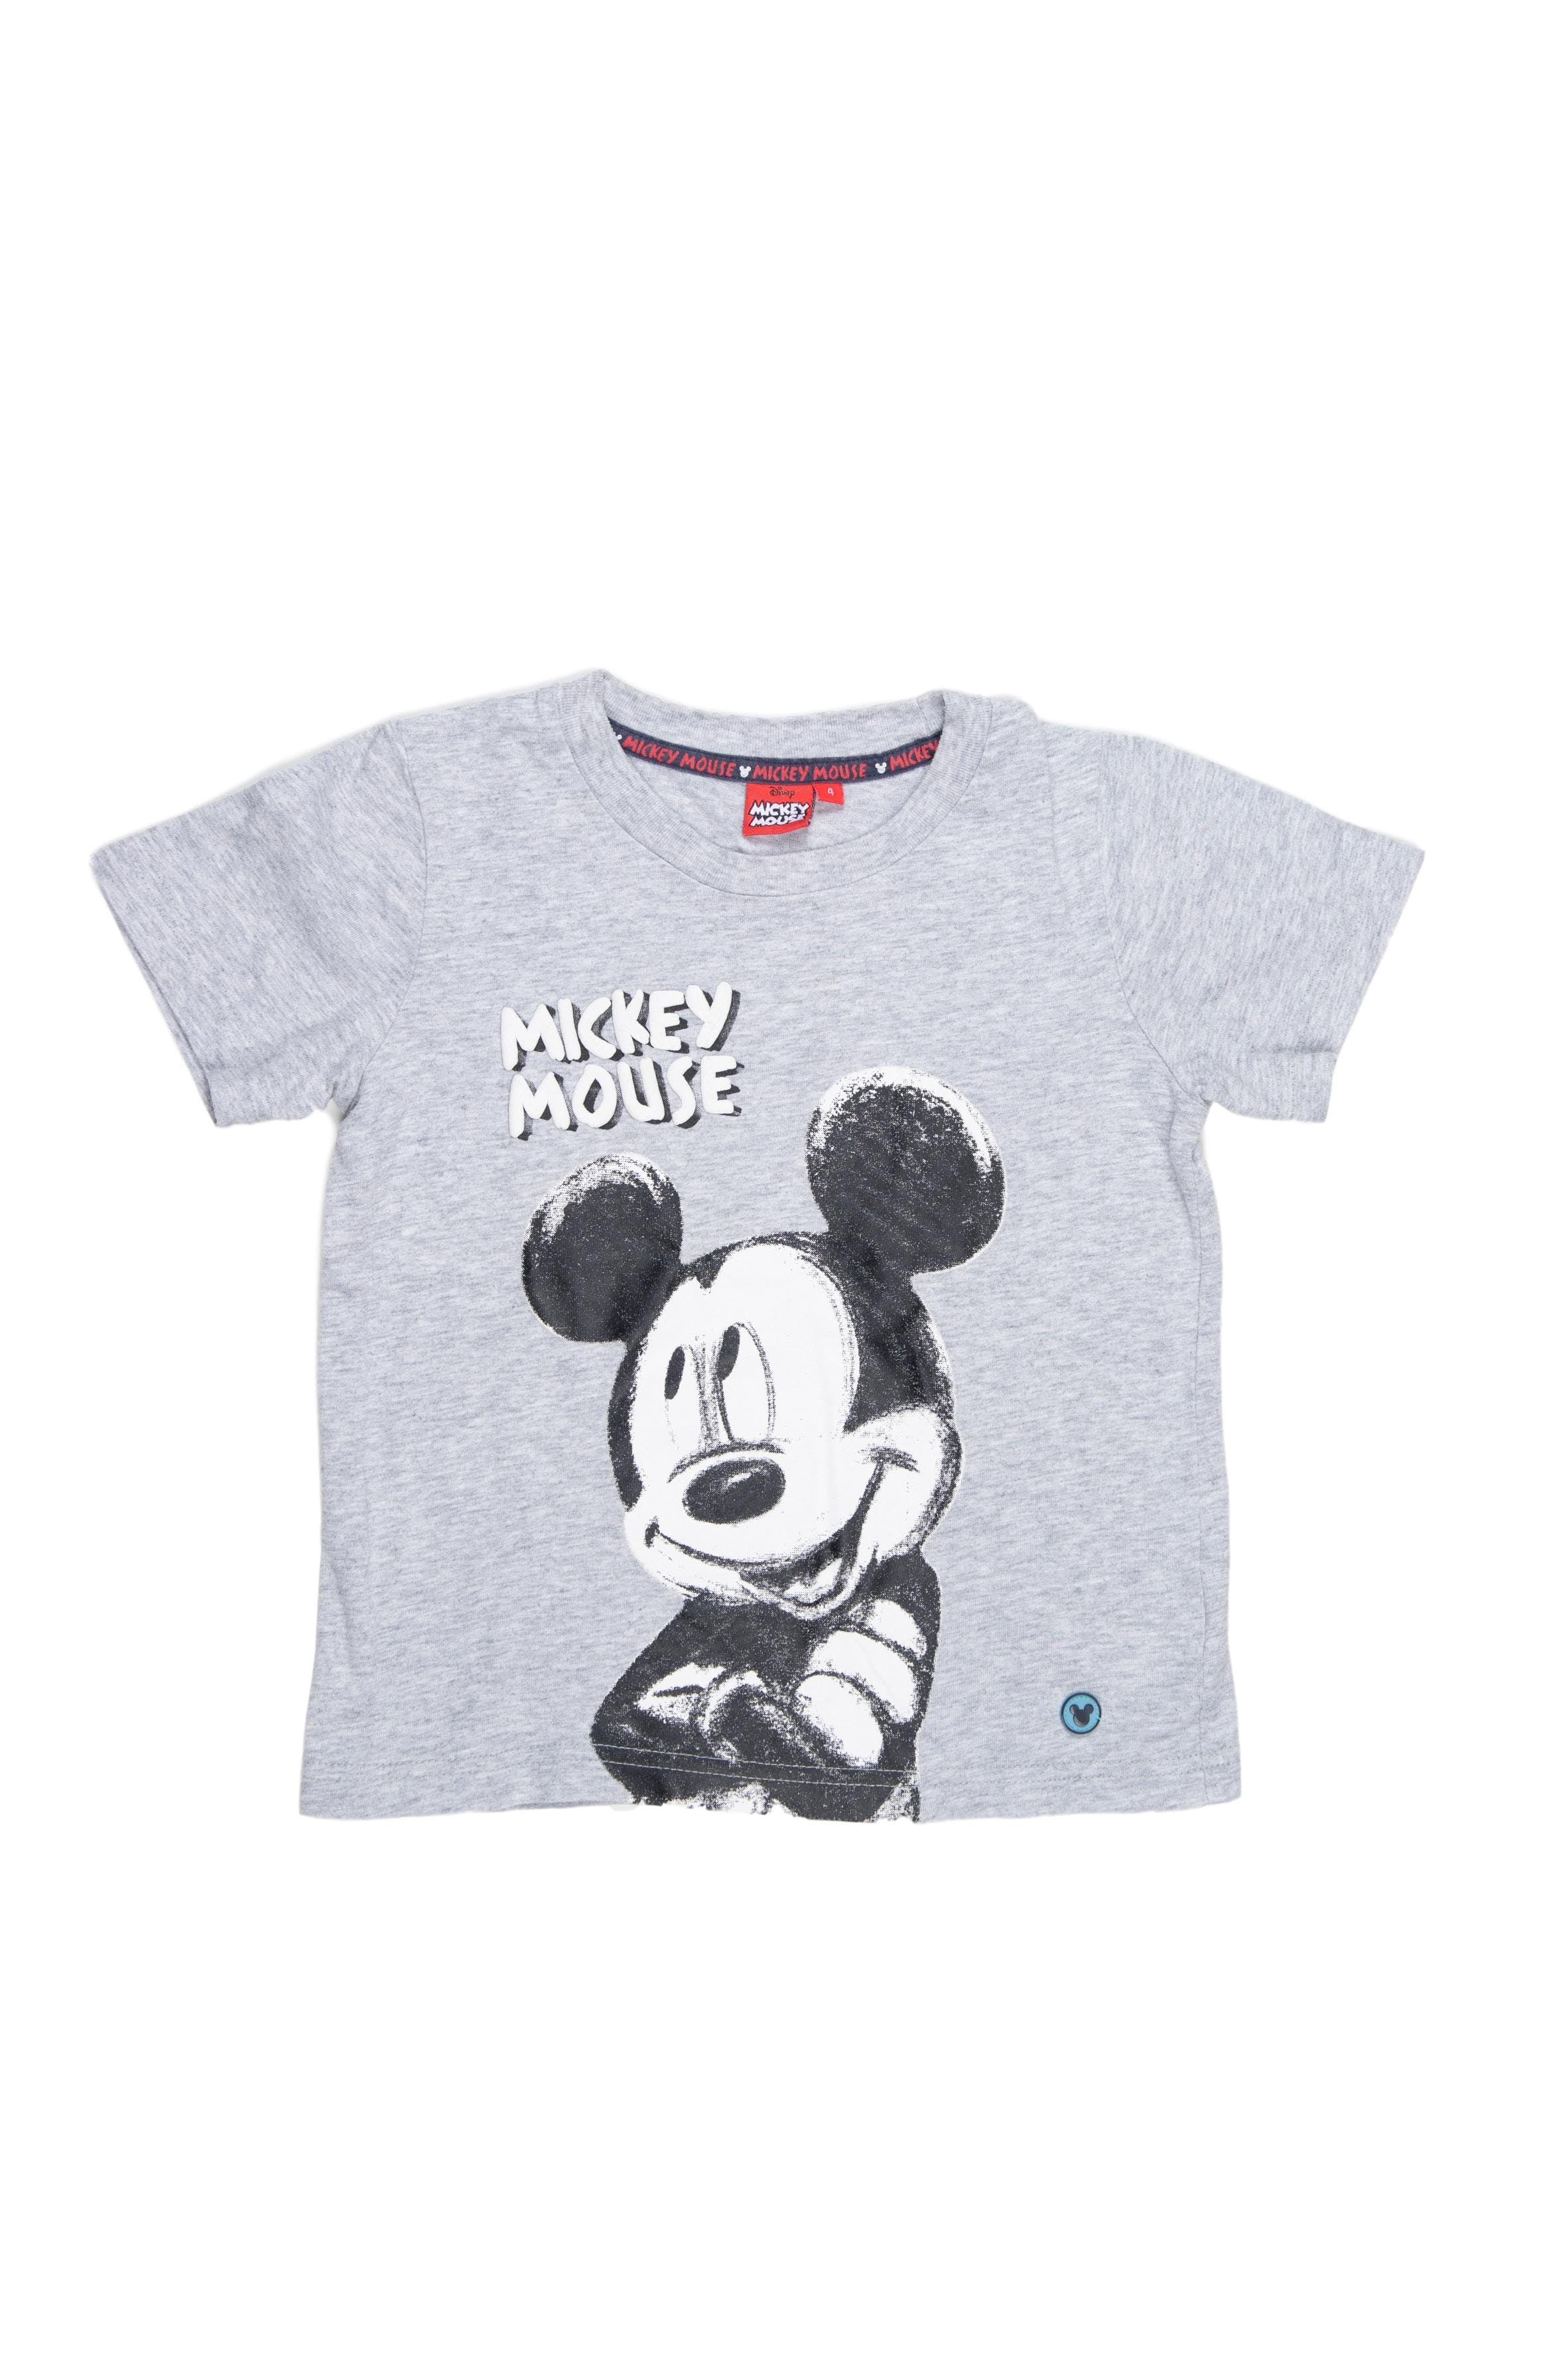 Polo plomo de mickey mouse